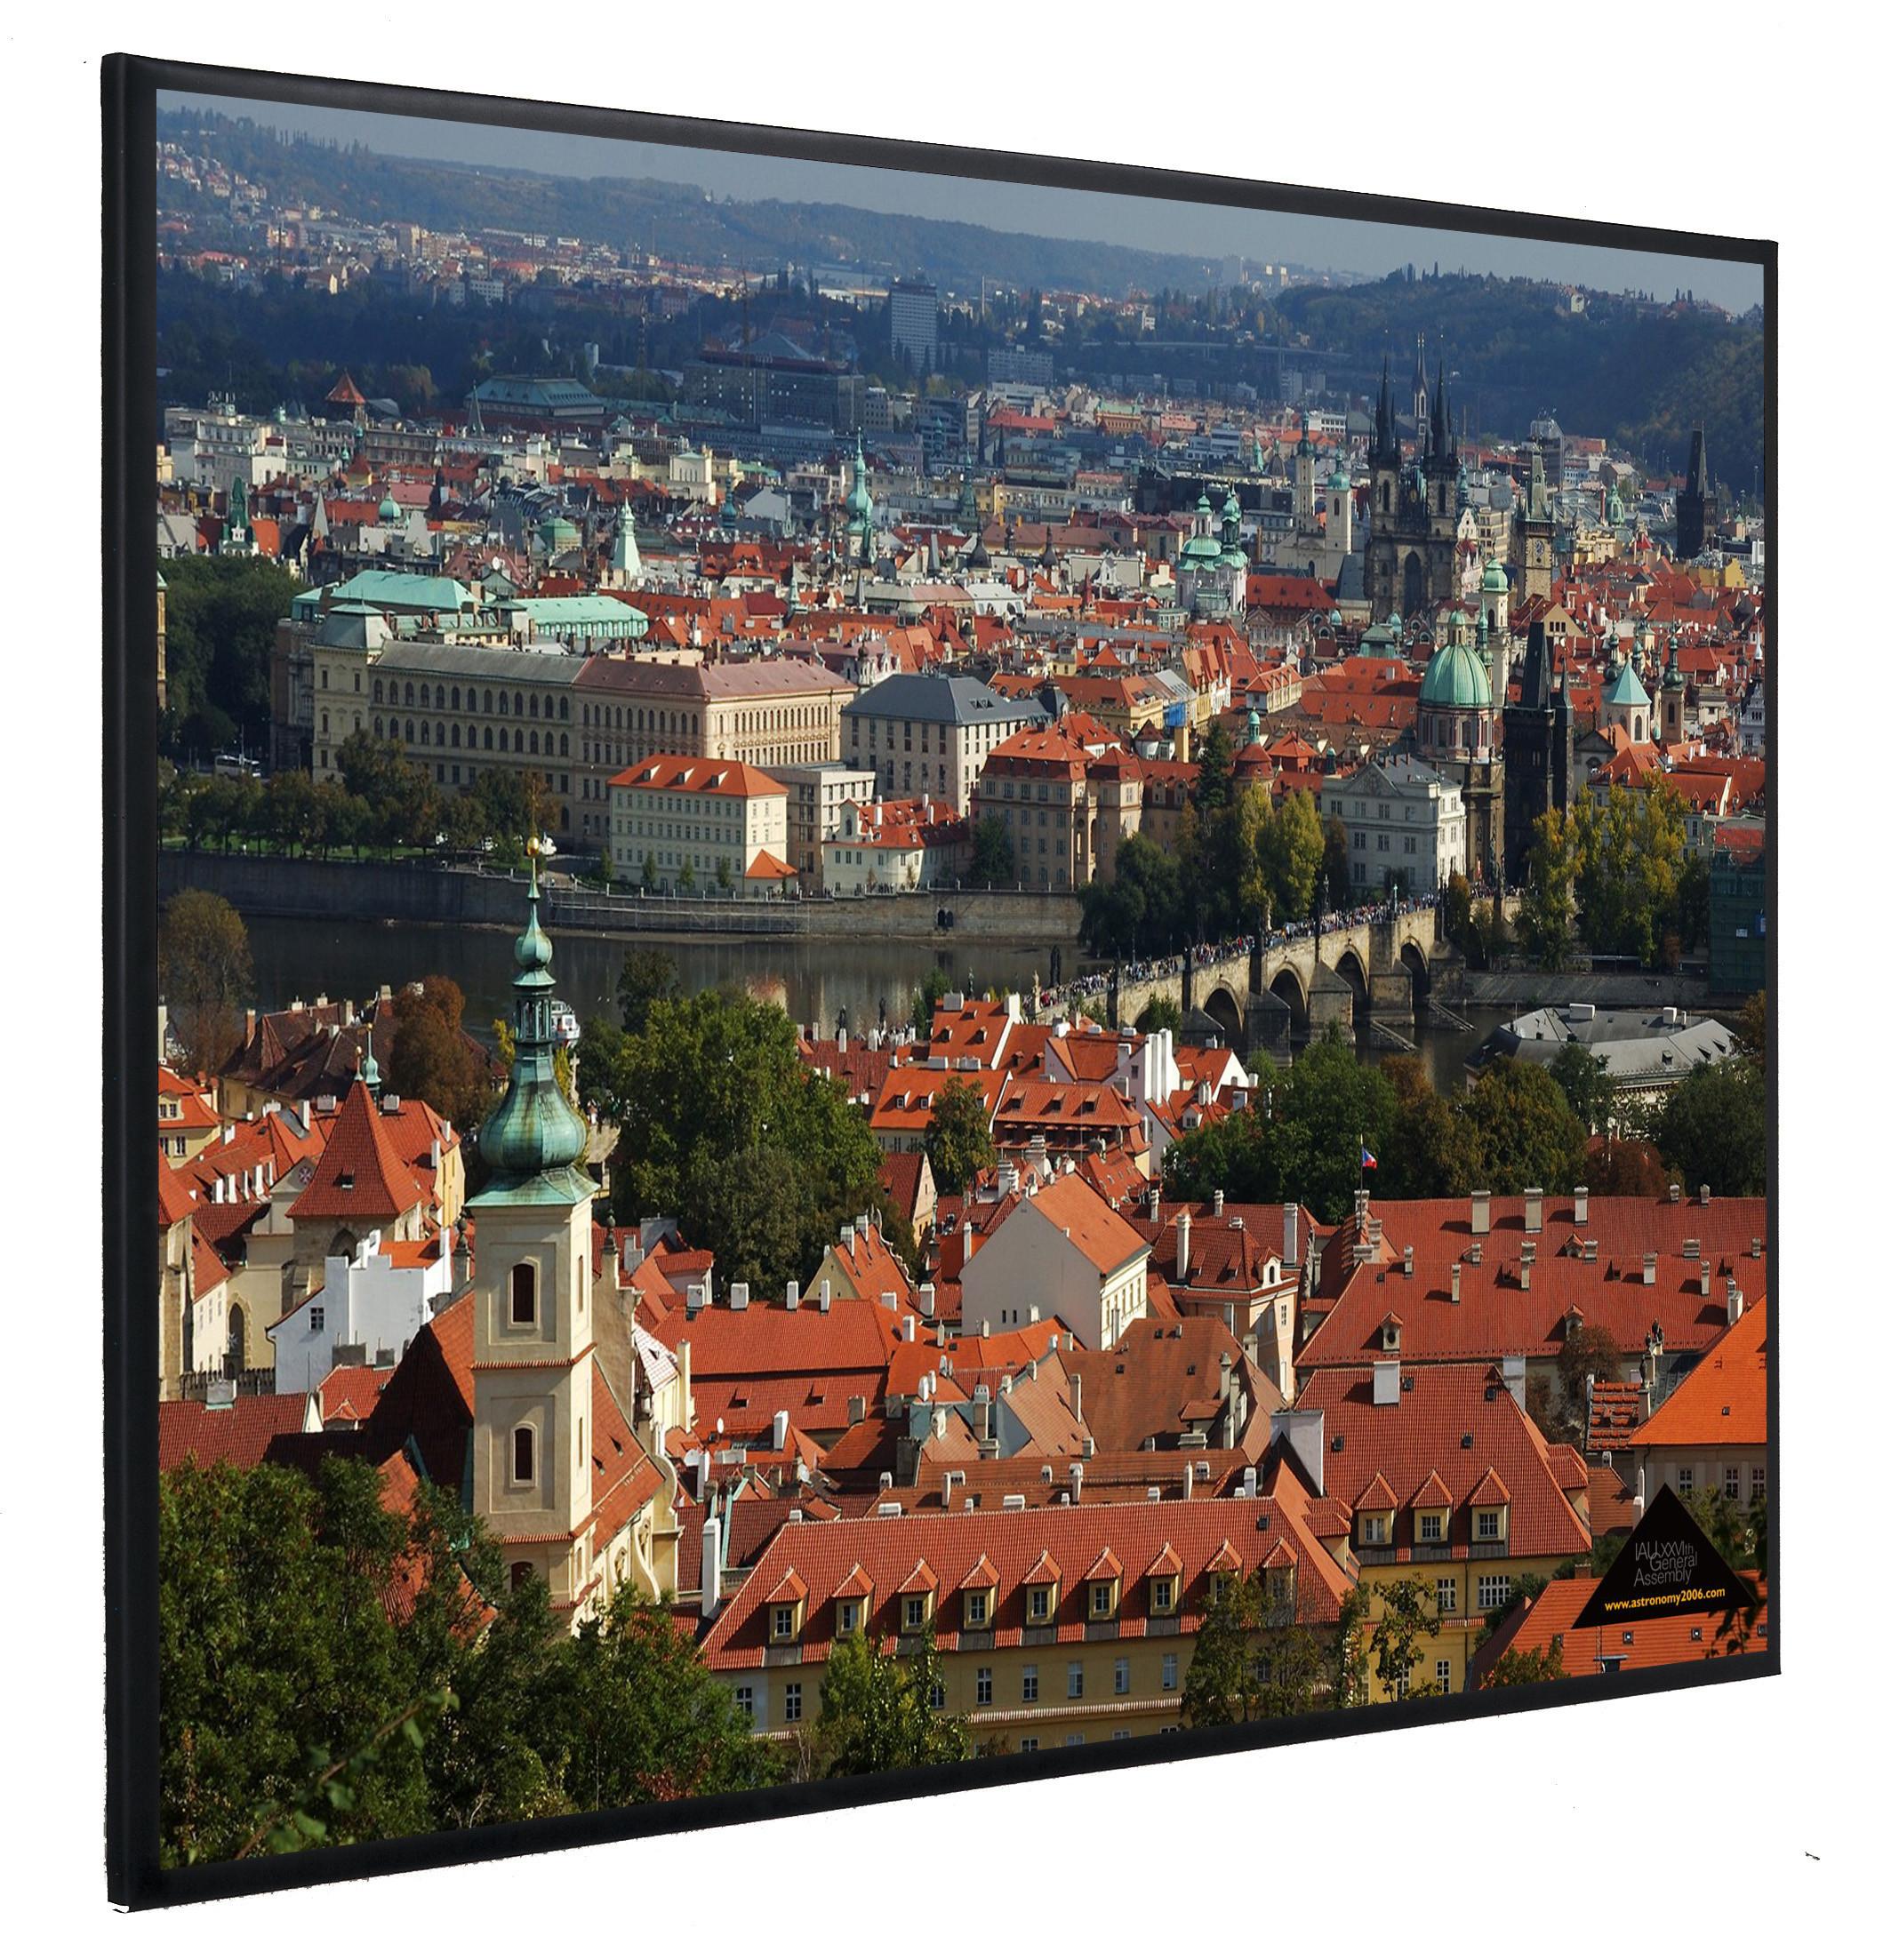 Vision Light 190 x 142,5 cm video format og Veltex ramme